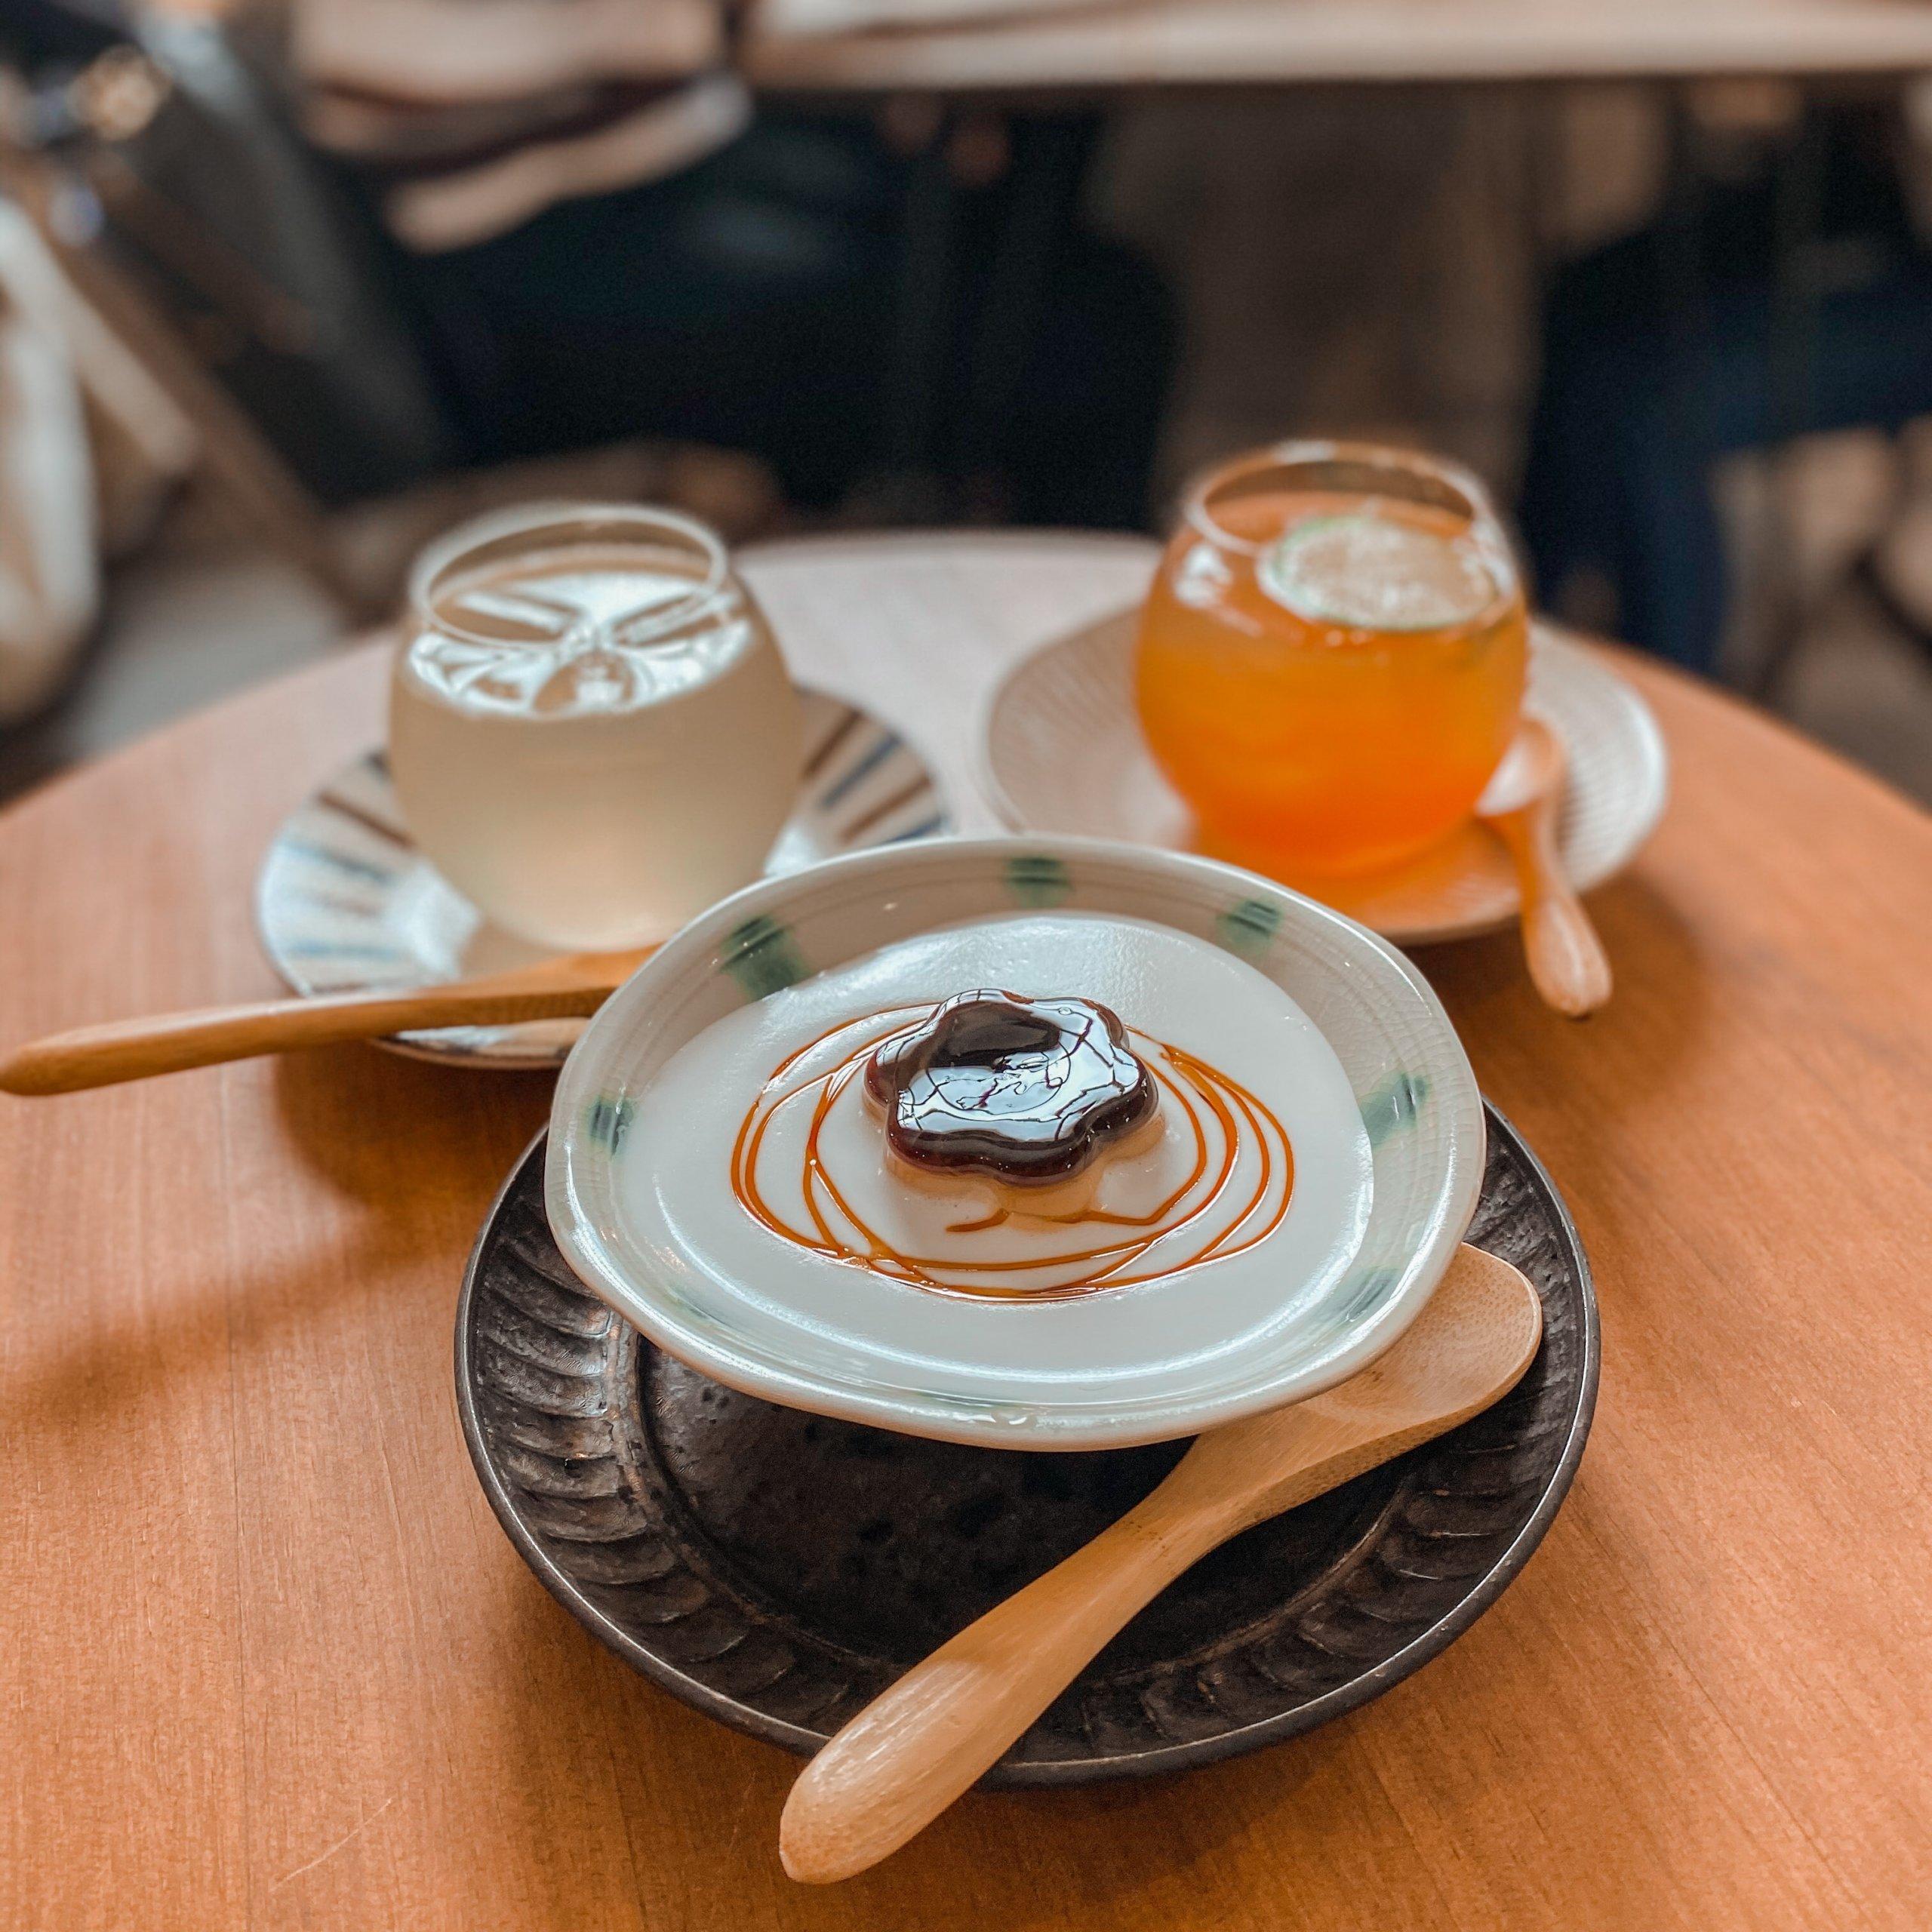 台北不限時咖啡廳|中山區咖啡店卜卜商行|平價飲品。甜點。選物店 茶布丁